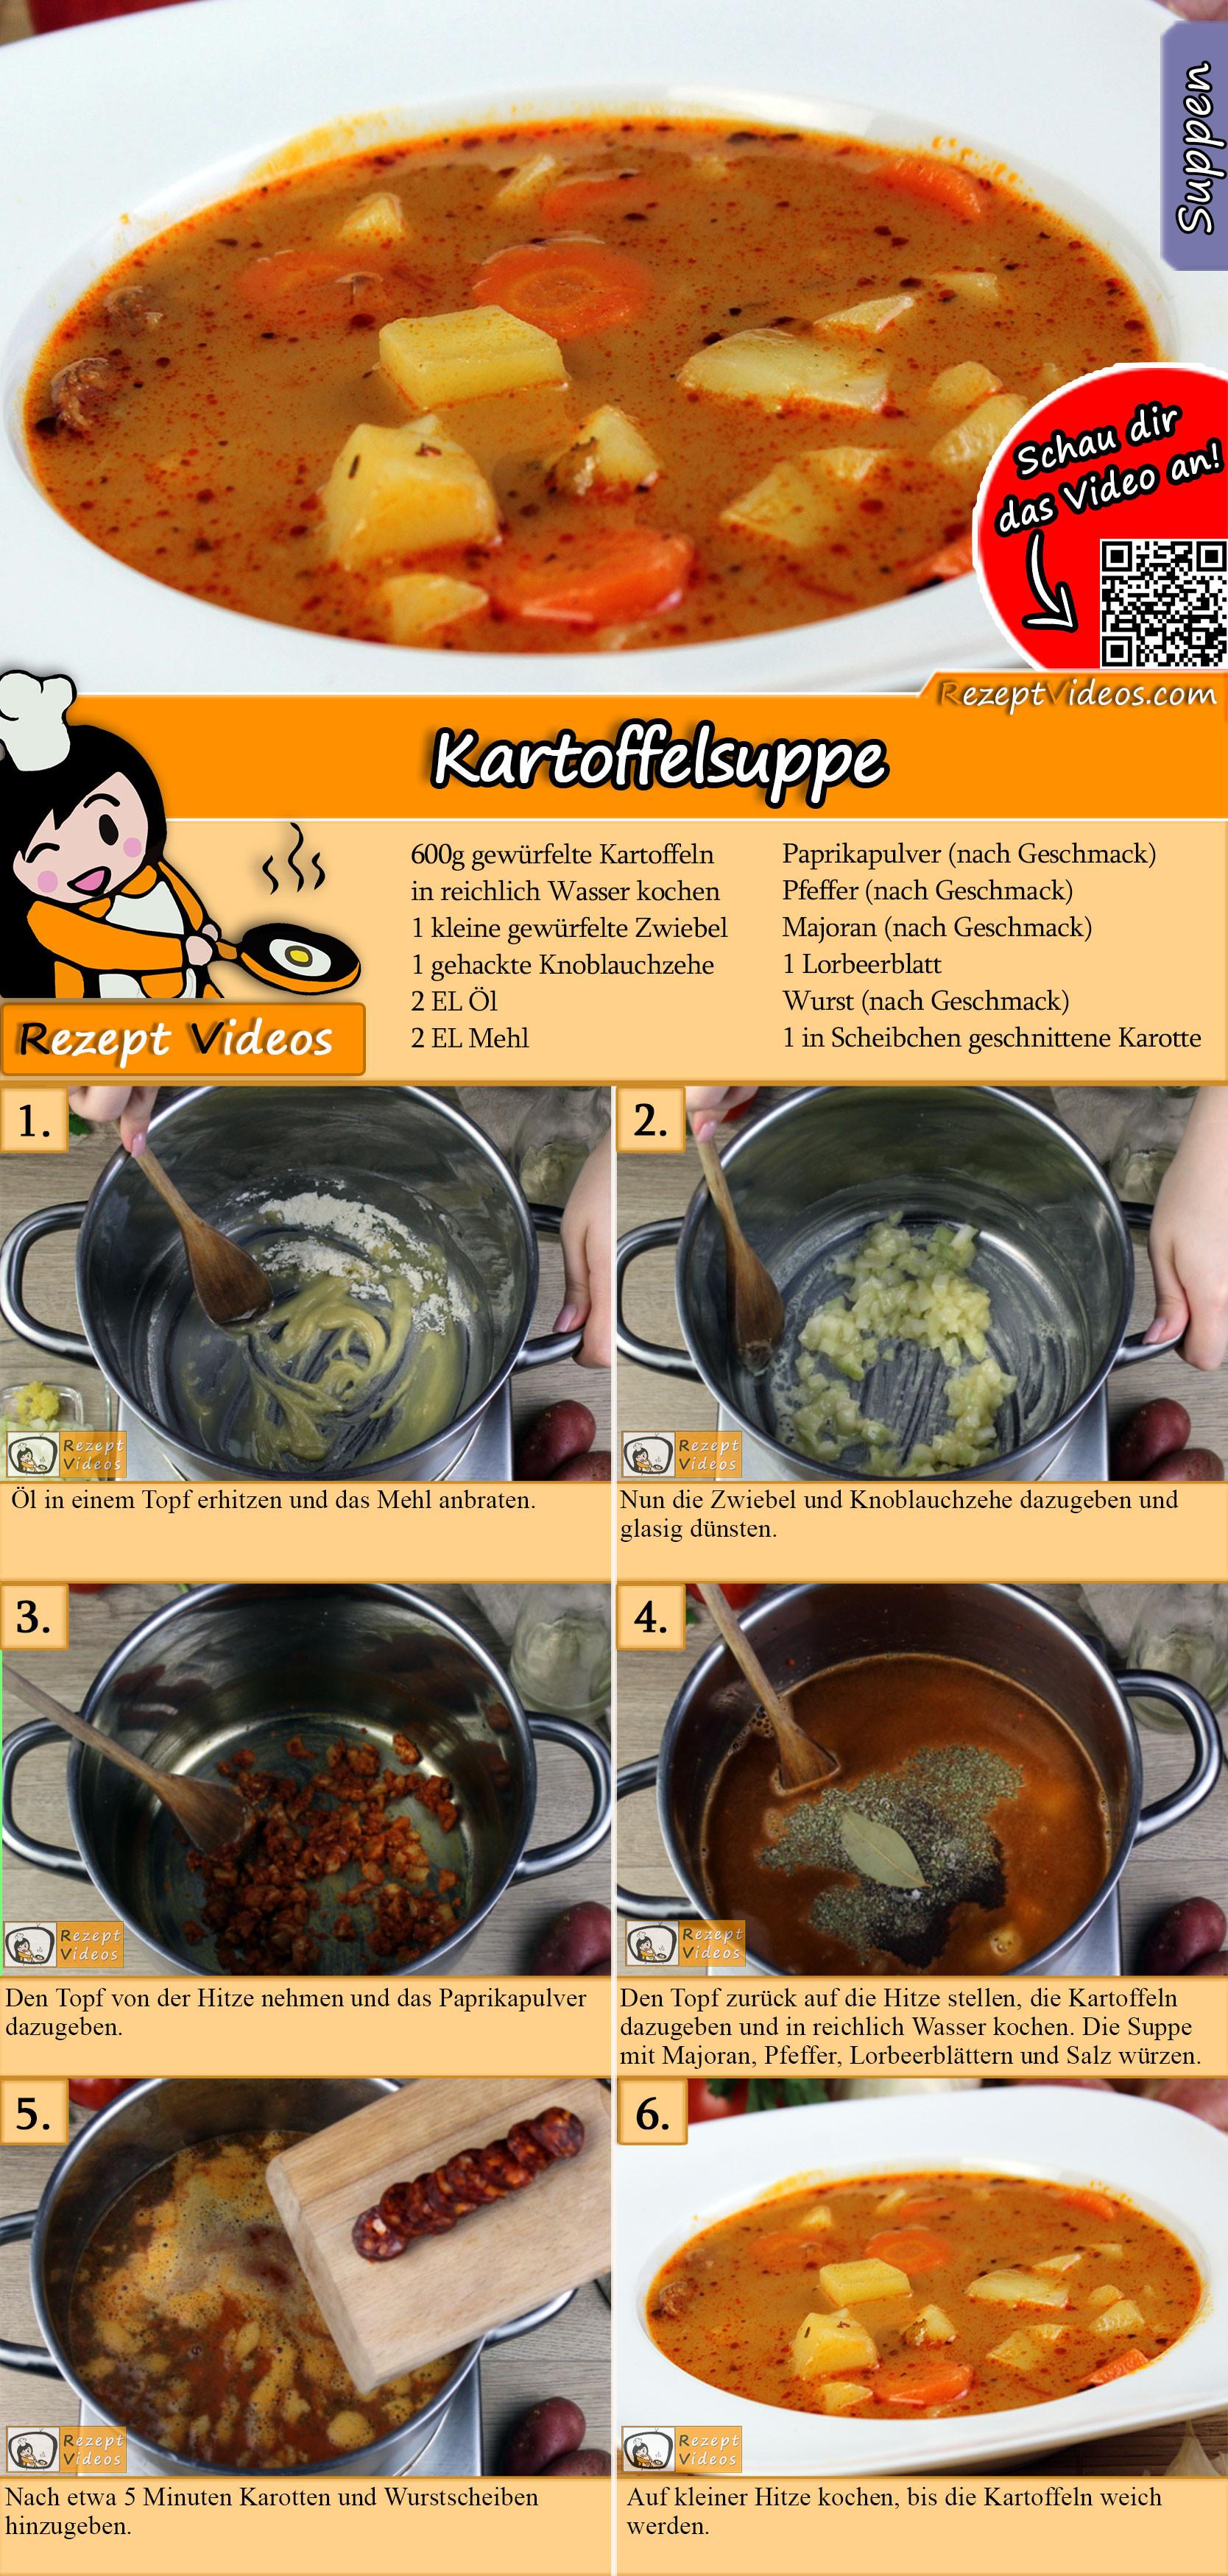 Kartoffelsuppe Rezept mit Video